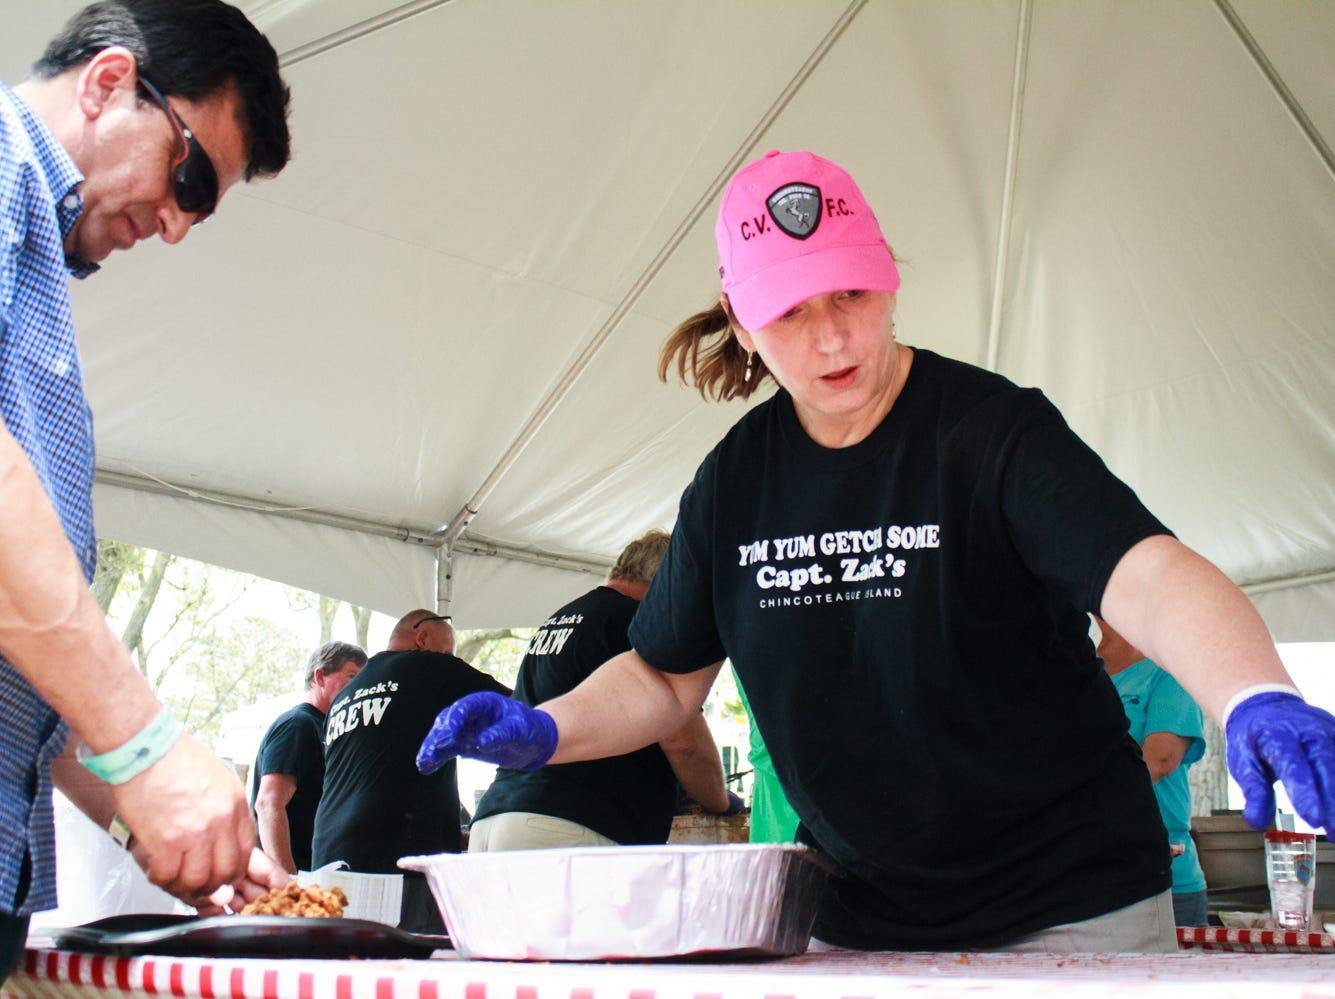 Beverly Bowden of Chincoteague, VA serves Mario Alvarez of Long Island, NY on Saturday, May 4, 2019 at the Chincoteague Seafood Festival in Chincoteague, VA.